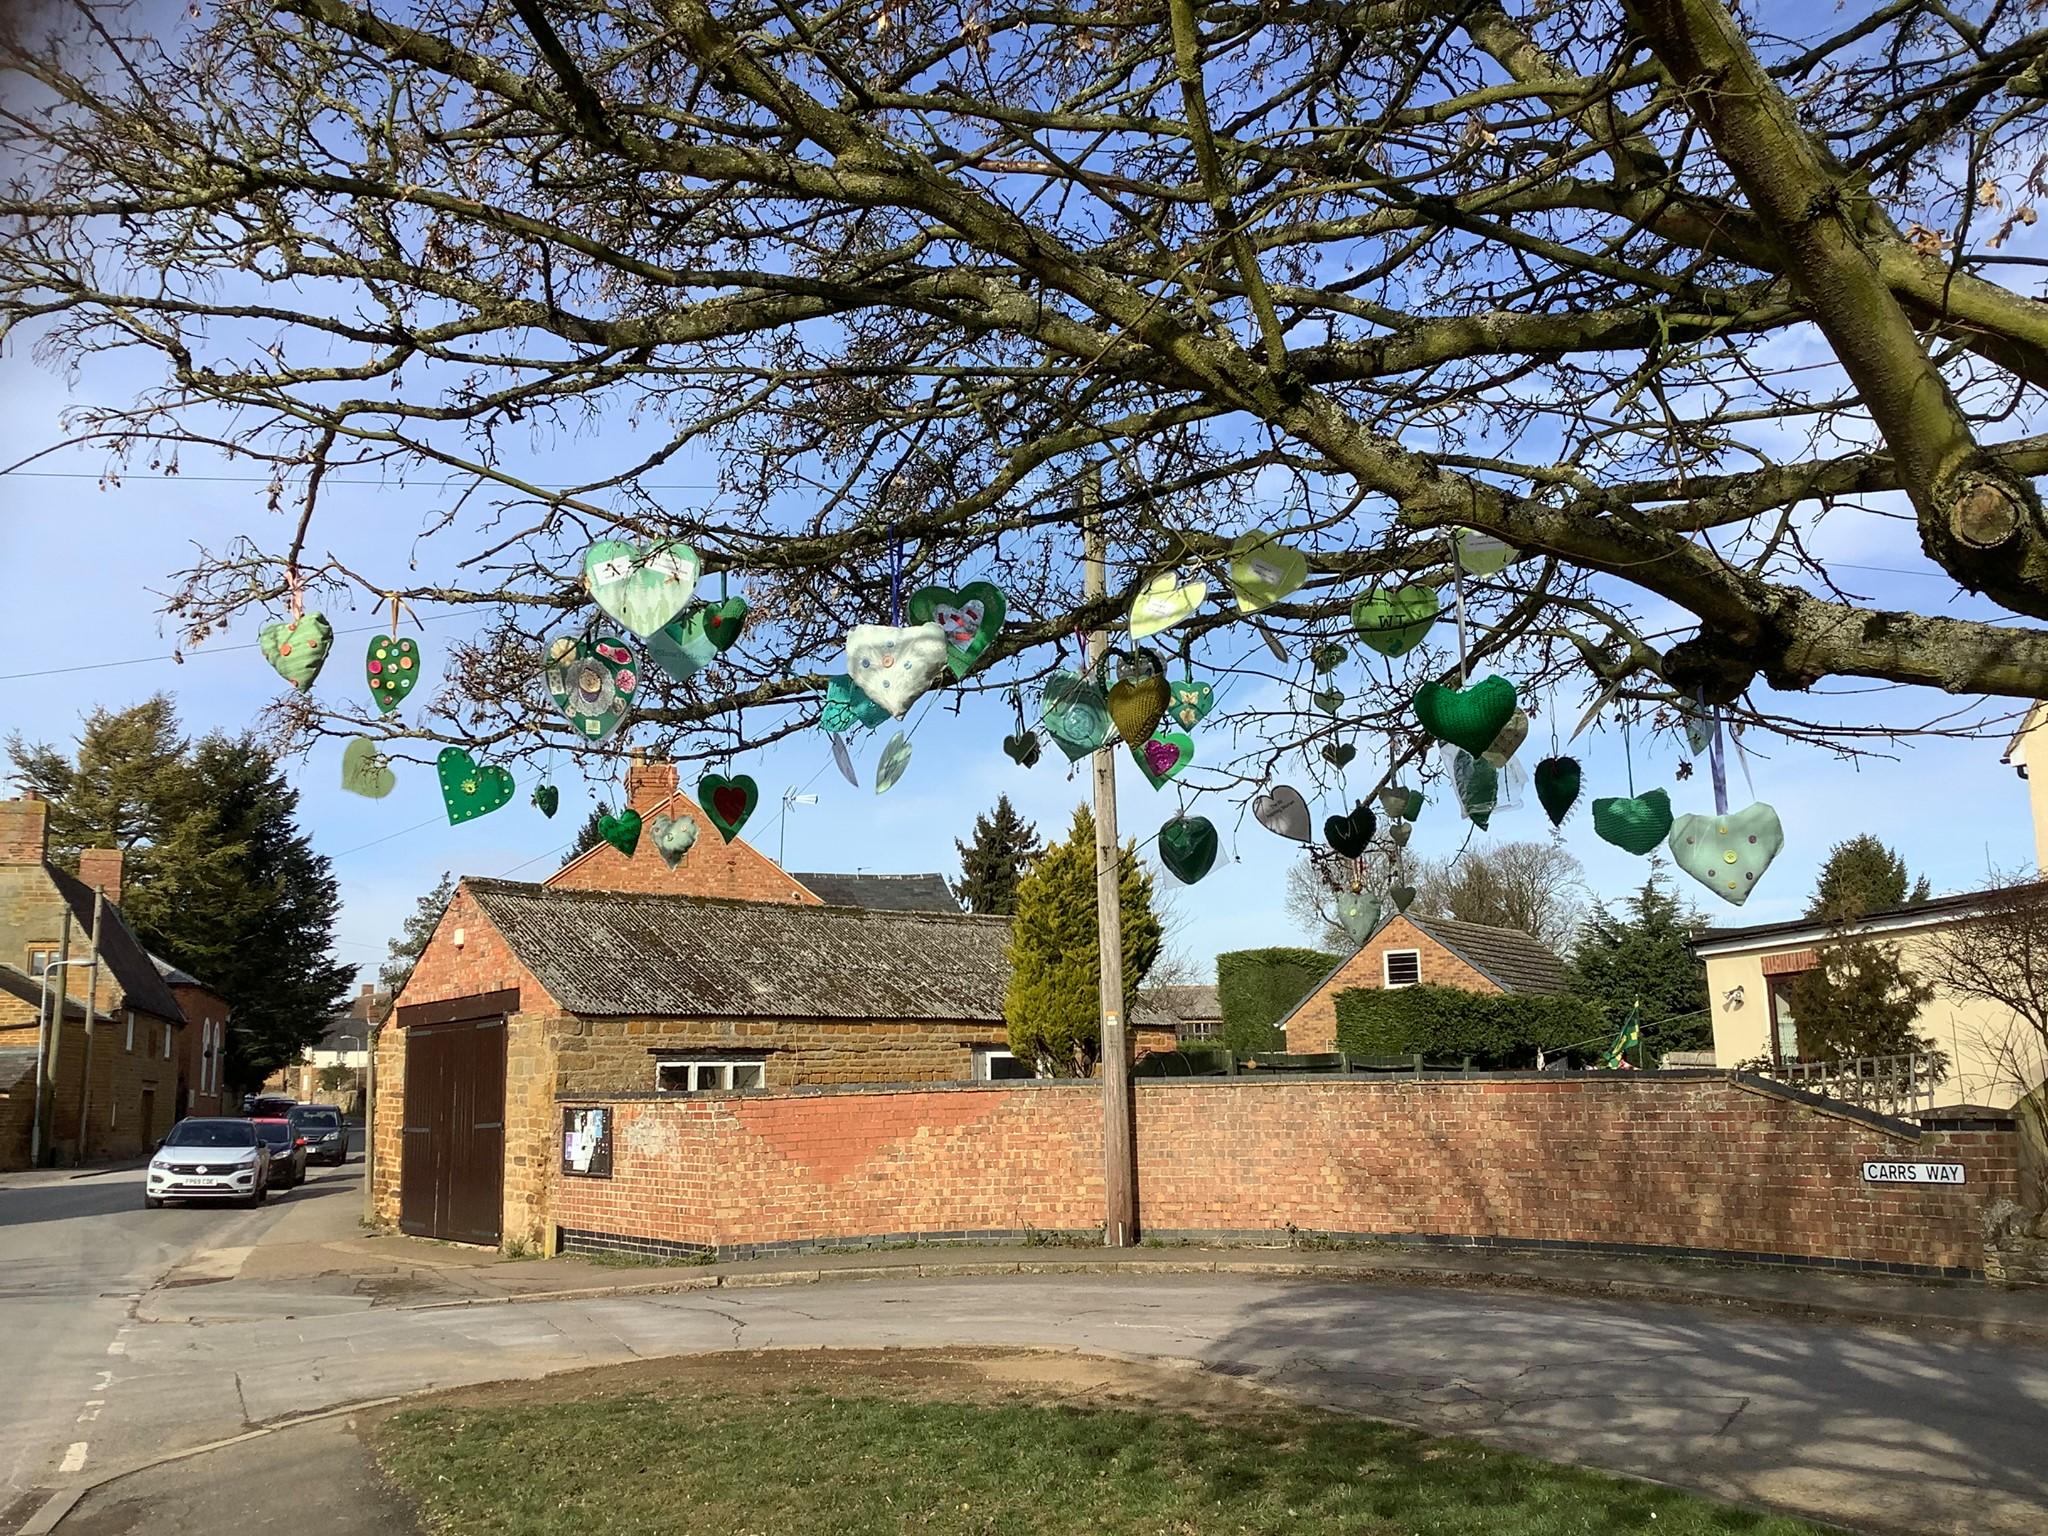 21.02 Green hearts on tree